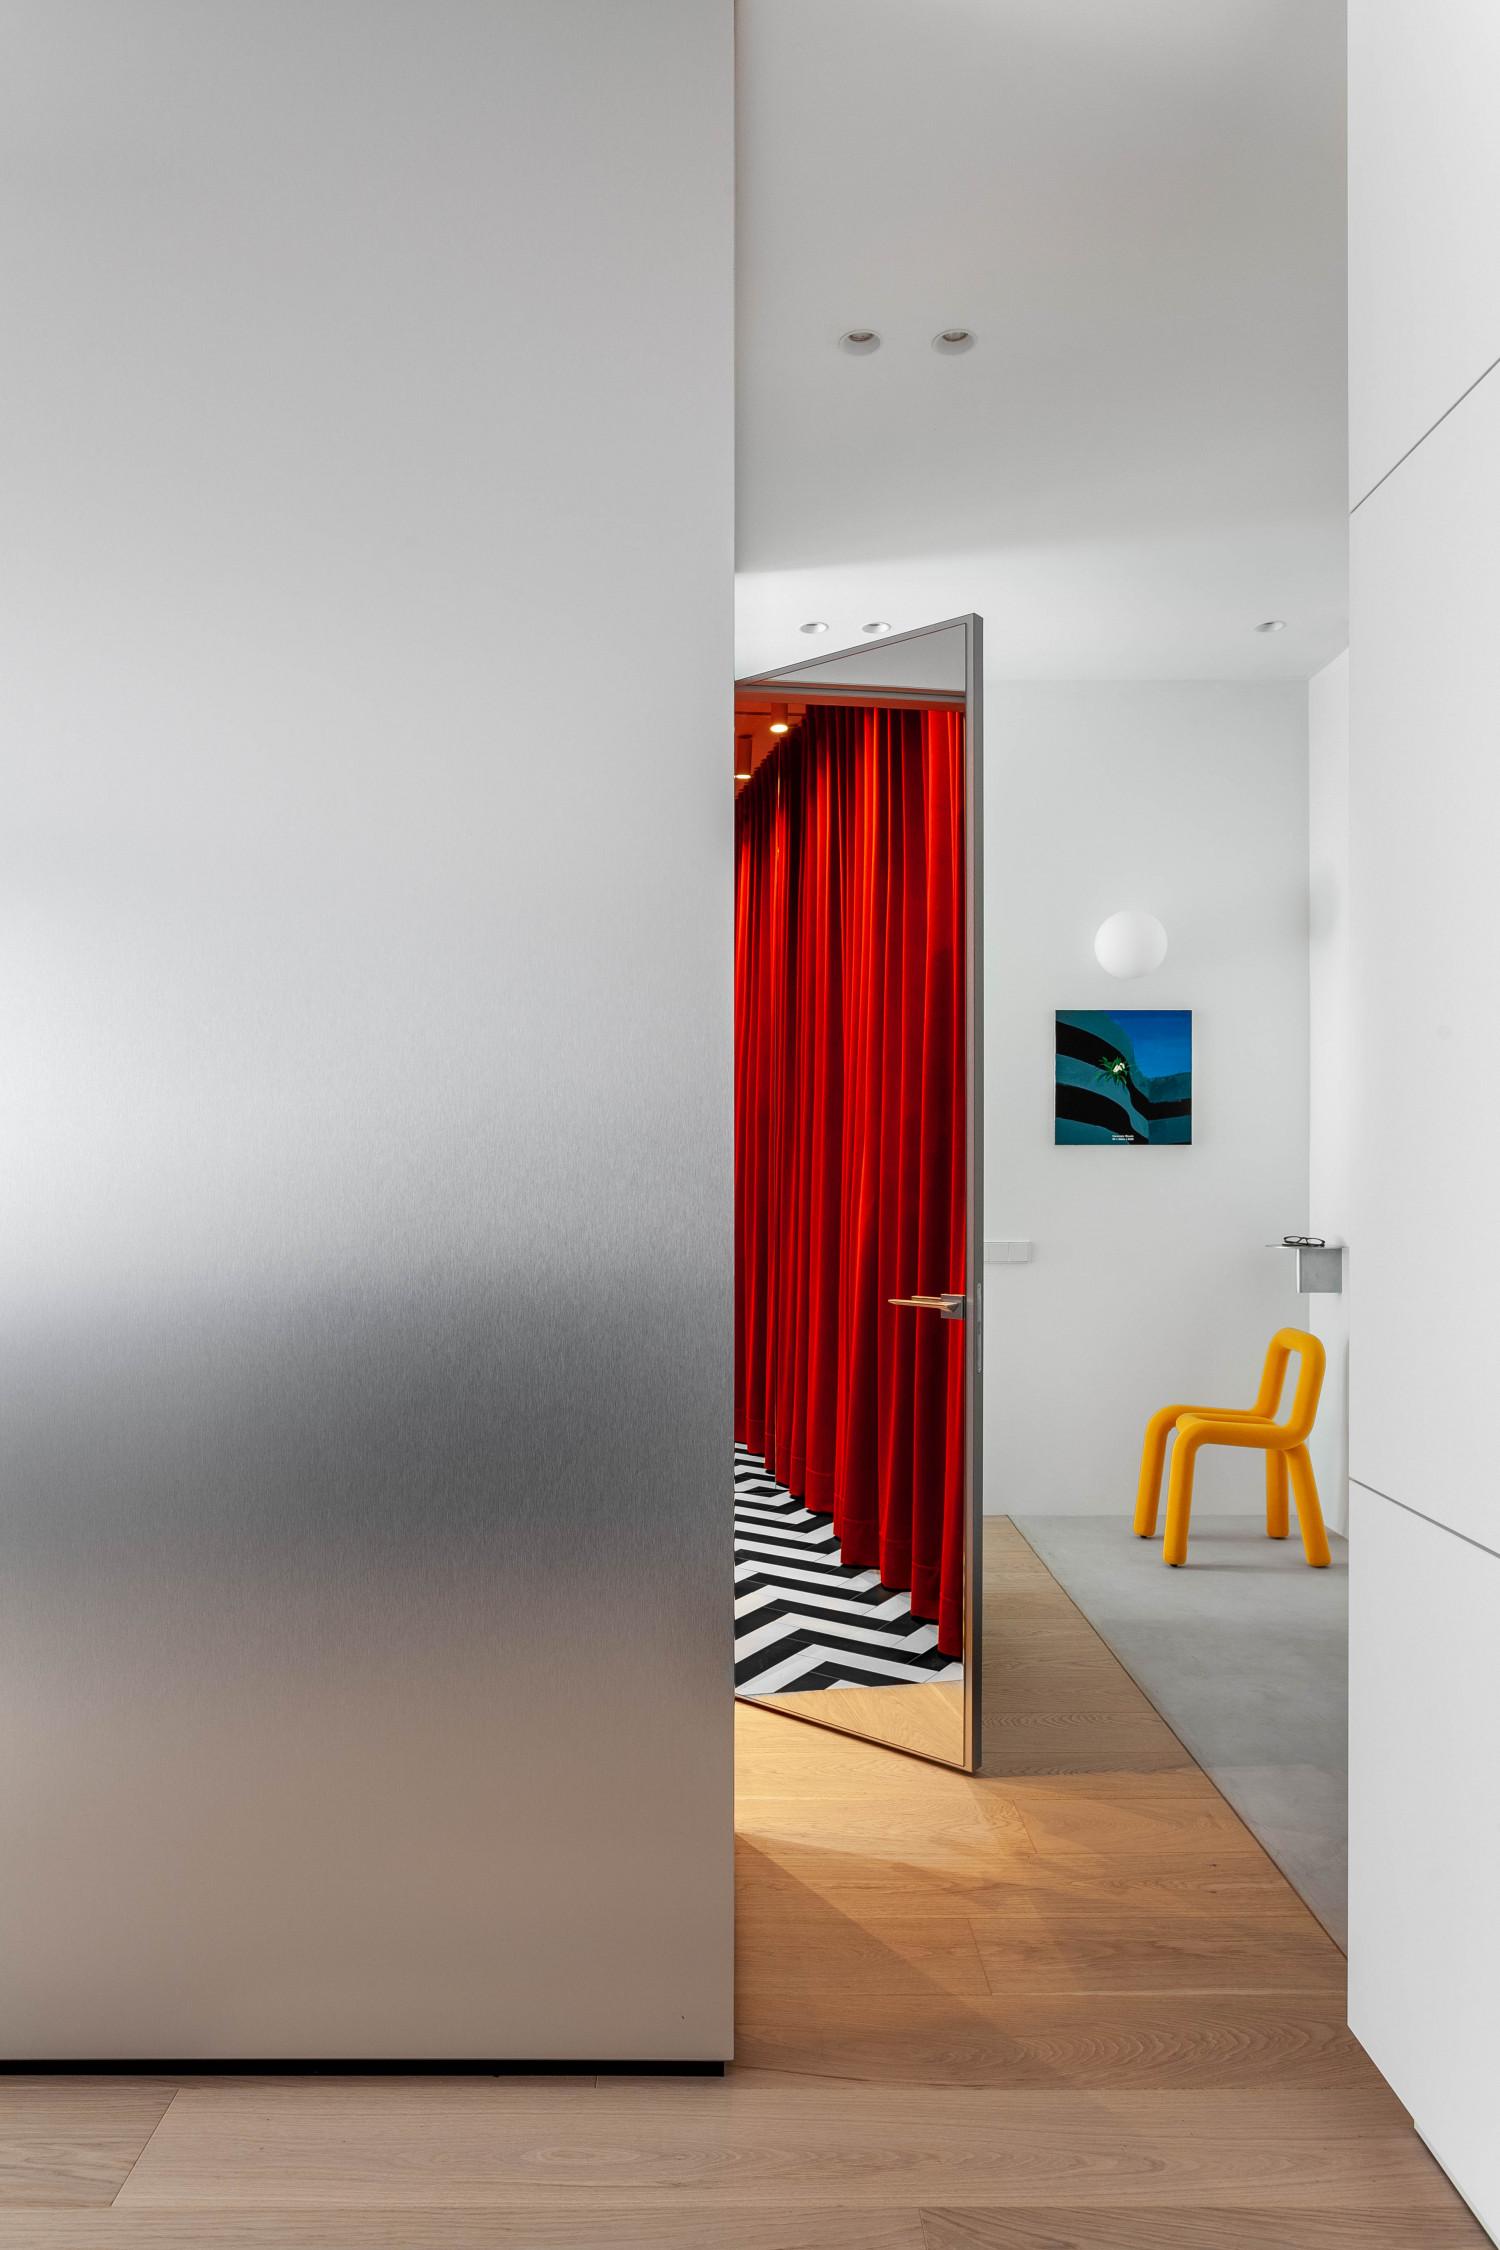 Пока мы снимали квартиру с Полиной, обнаружили интересную и немного психоделическую вещь: зеркальная дверь в приоткрытом положении отражает помещение гардеробной и странно преломляет пространство. Особено когда один человек стоит в конце гардеробной, а другой – в районе кухни, и вы друг друга отлично видите.